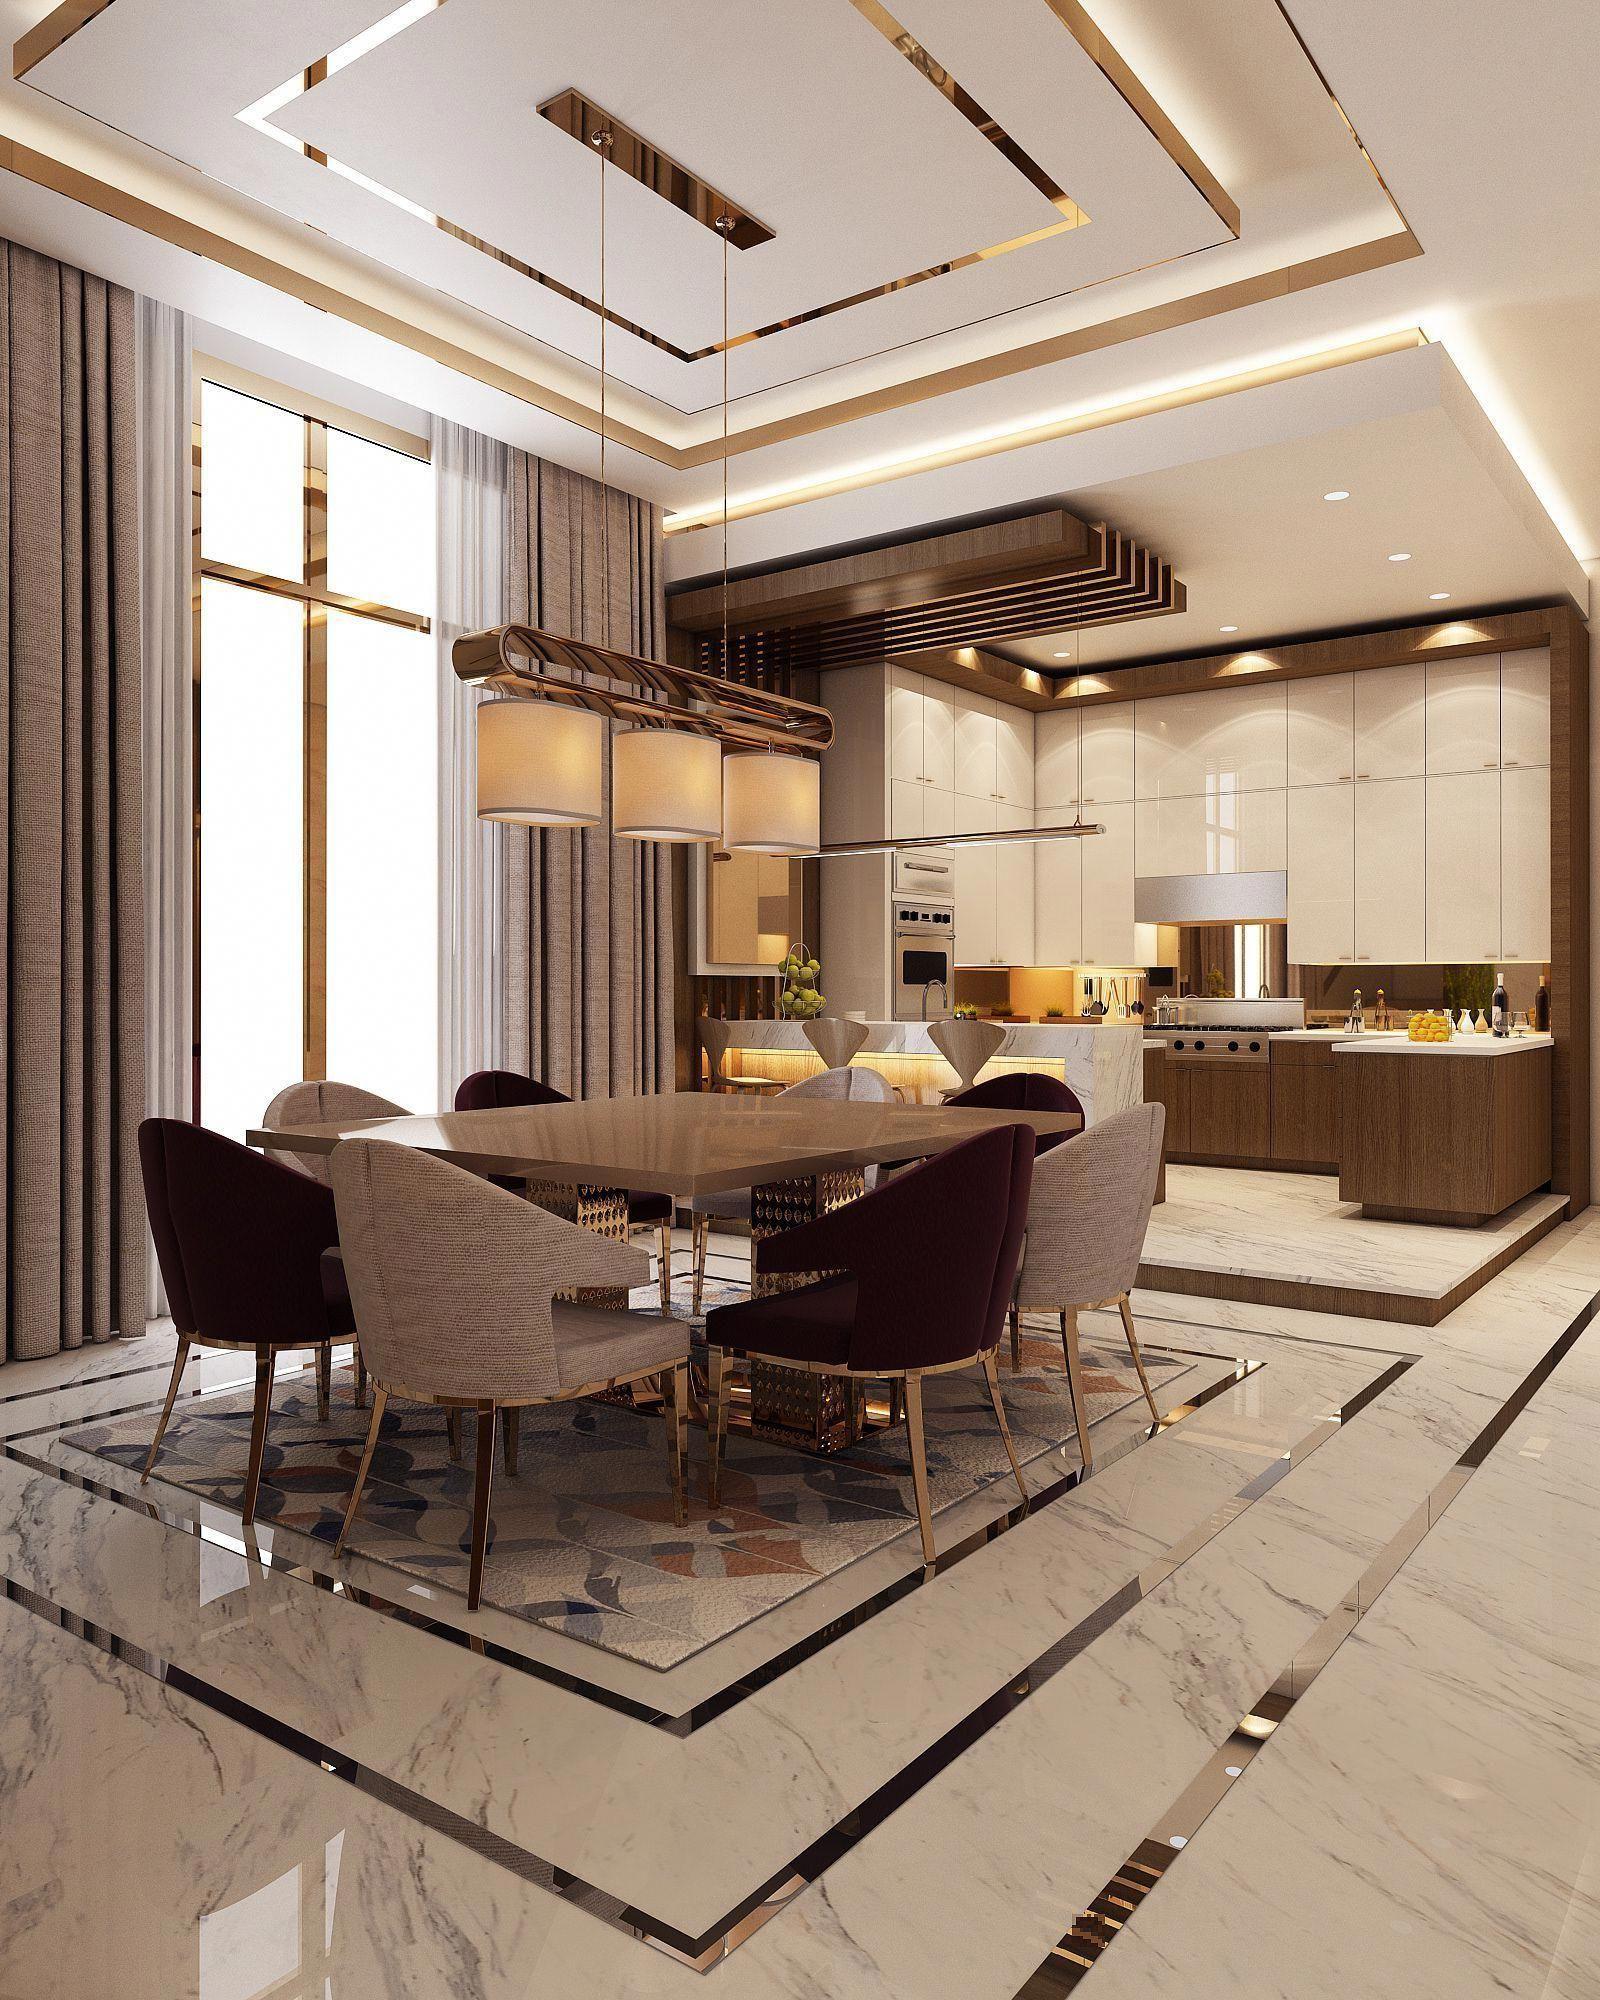 Living Room Modern Ceiling Design For Living Room Modernceilingdesignforlivingr In 2020 Dining Room Design Modern Ceiling Design Living Room Dining Room Design